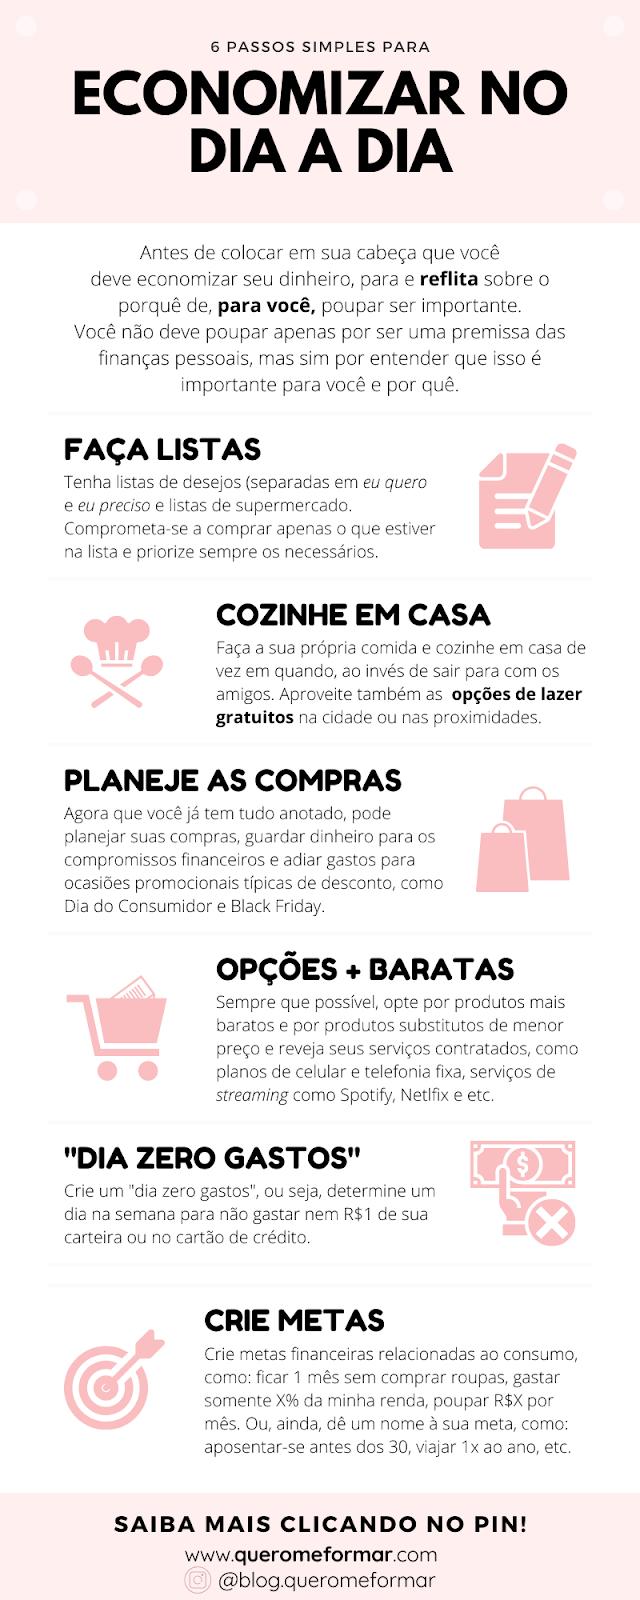 Infográfico 6 Passos Simples para Economizar no Dia a Dia Sem Fazer Cortes Drásticos no Seu Orçamento